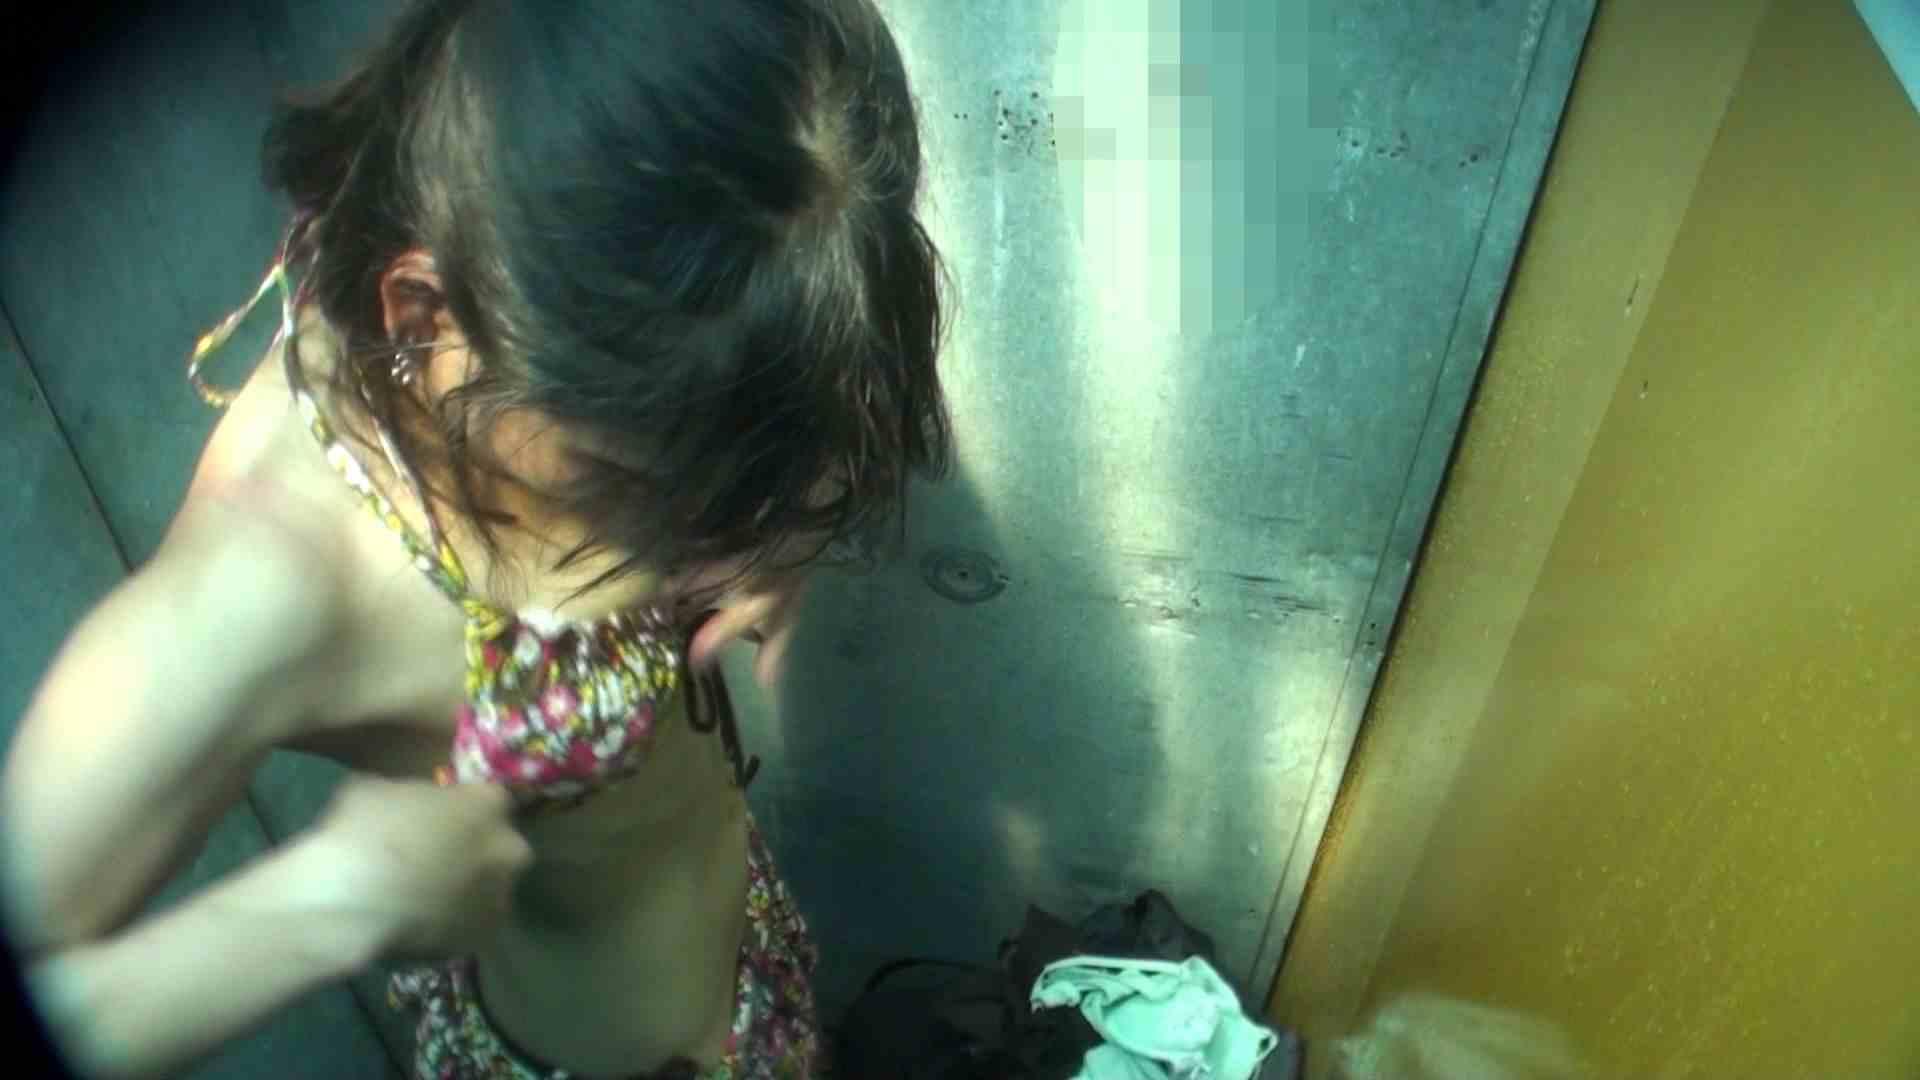 シャワールームは超!!危険な香りVol.16 意外に乳首は年増のそれ HなOL エロ画像 97pic 44